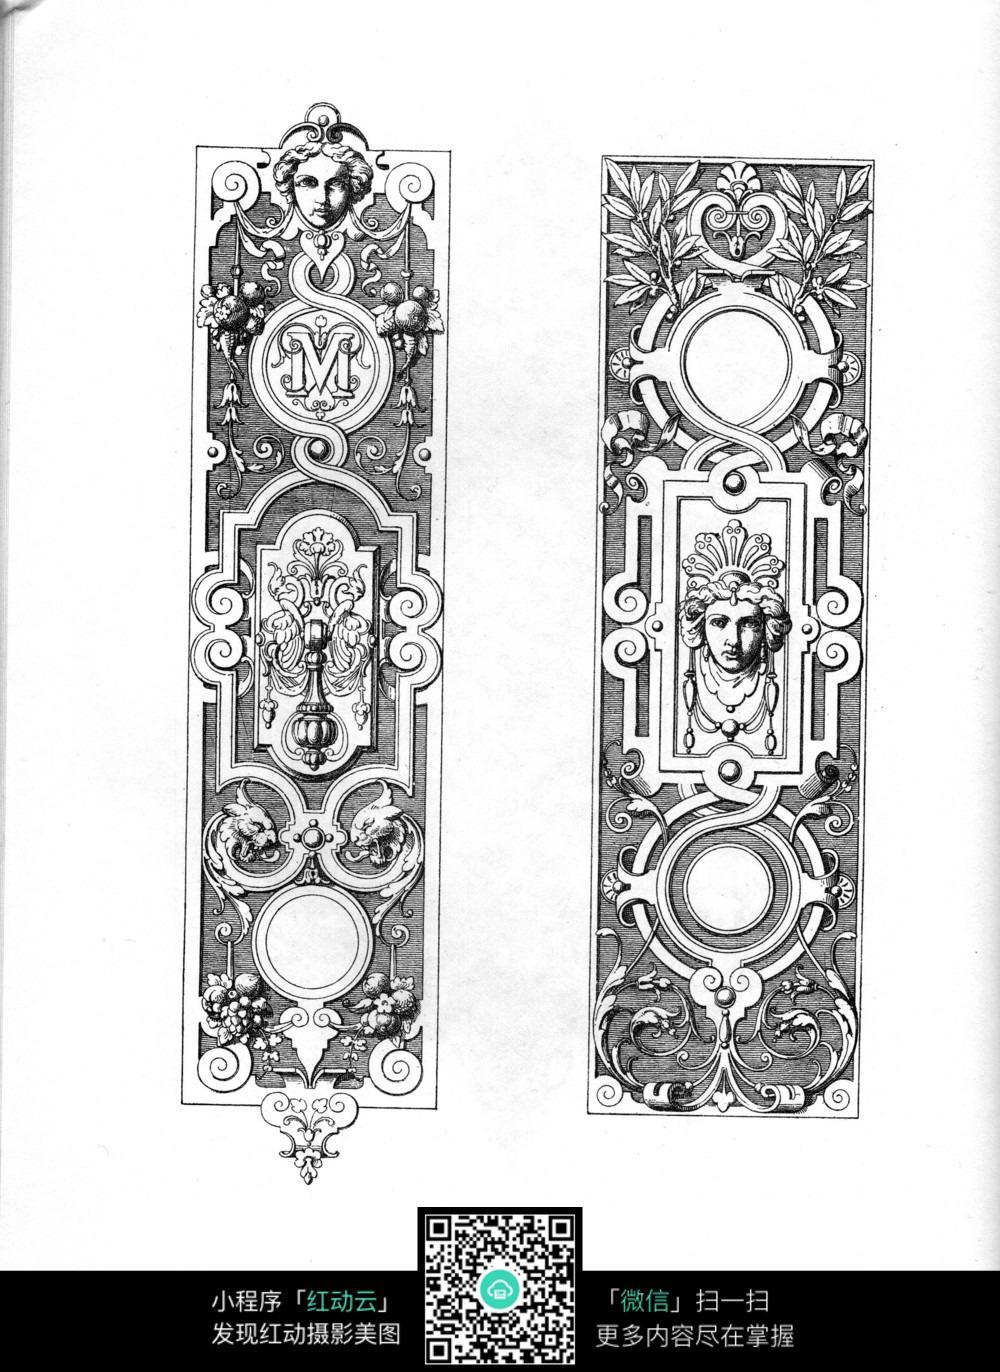 欧式人物花纹边框手绘立体素材_隔断|雕刻图案图片